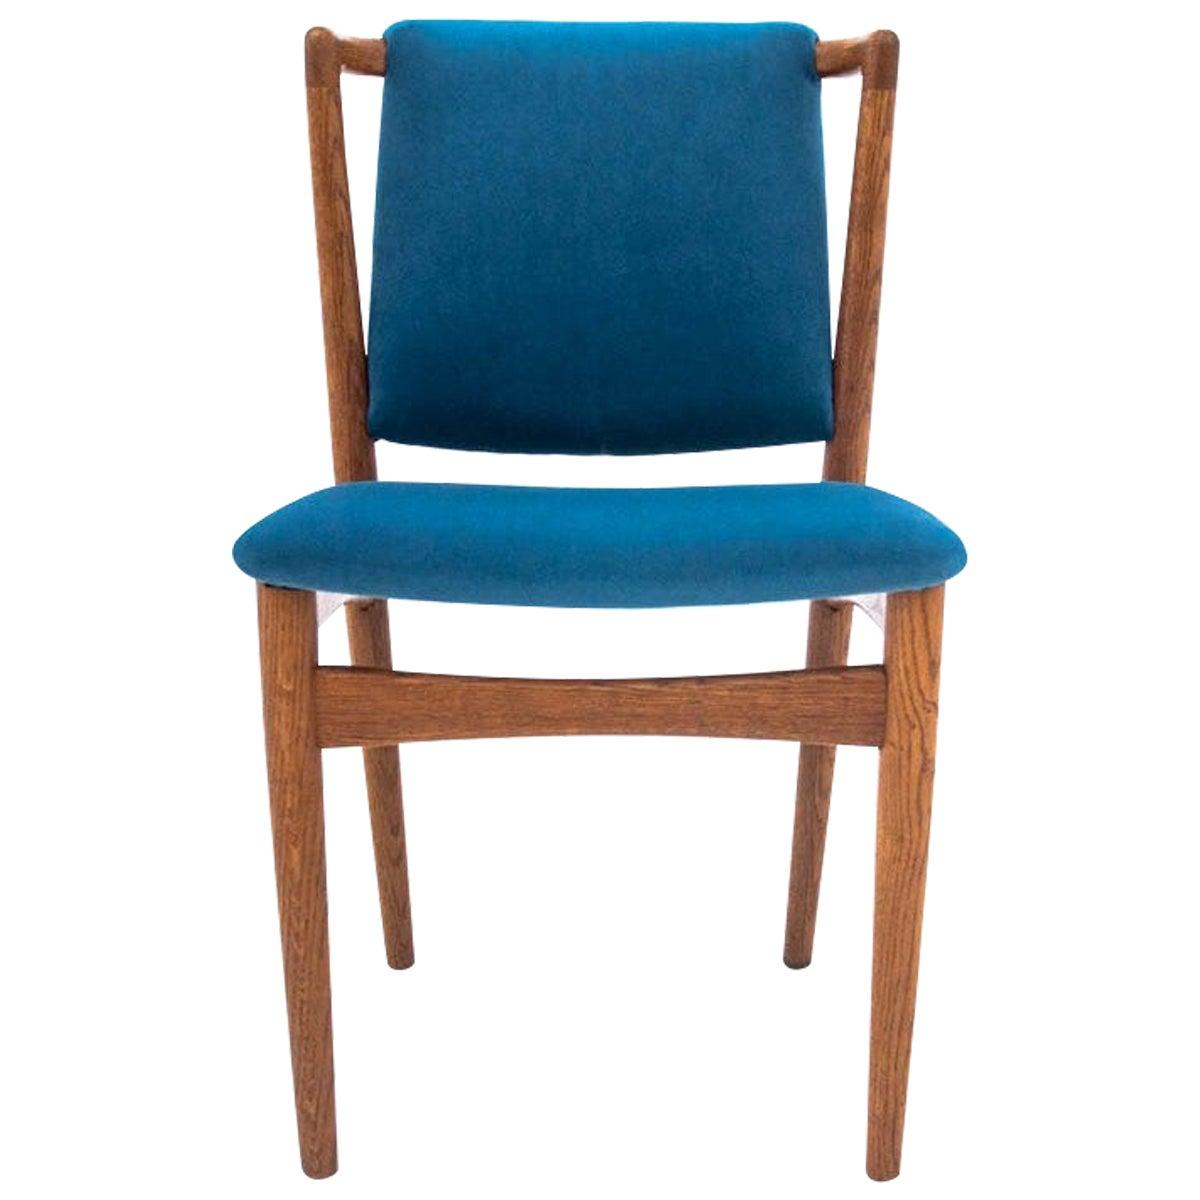 Teak Chair, Denmark, 1950s, Renovated